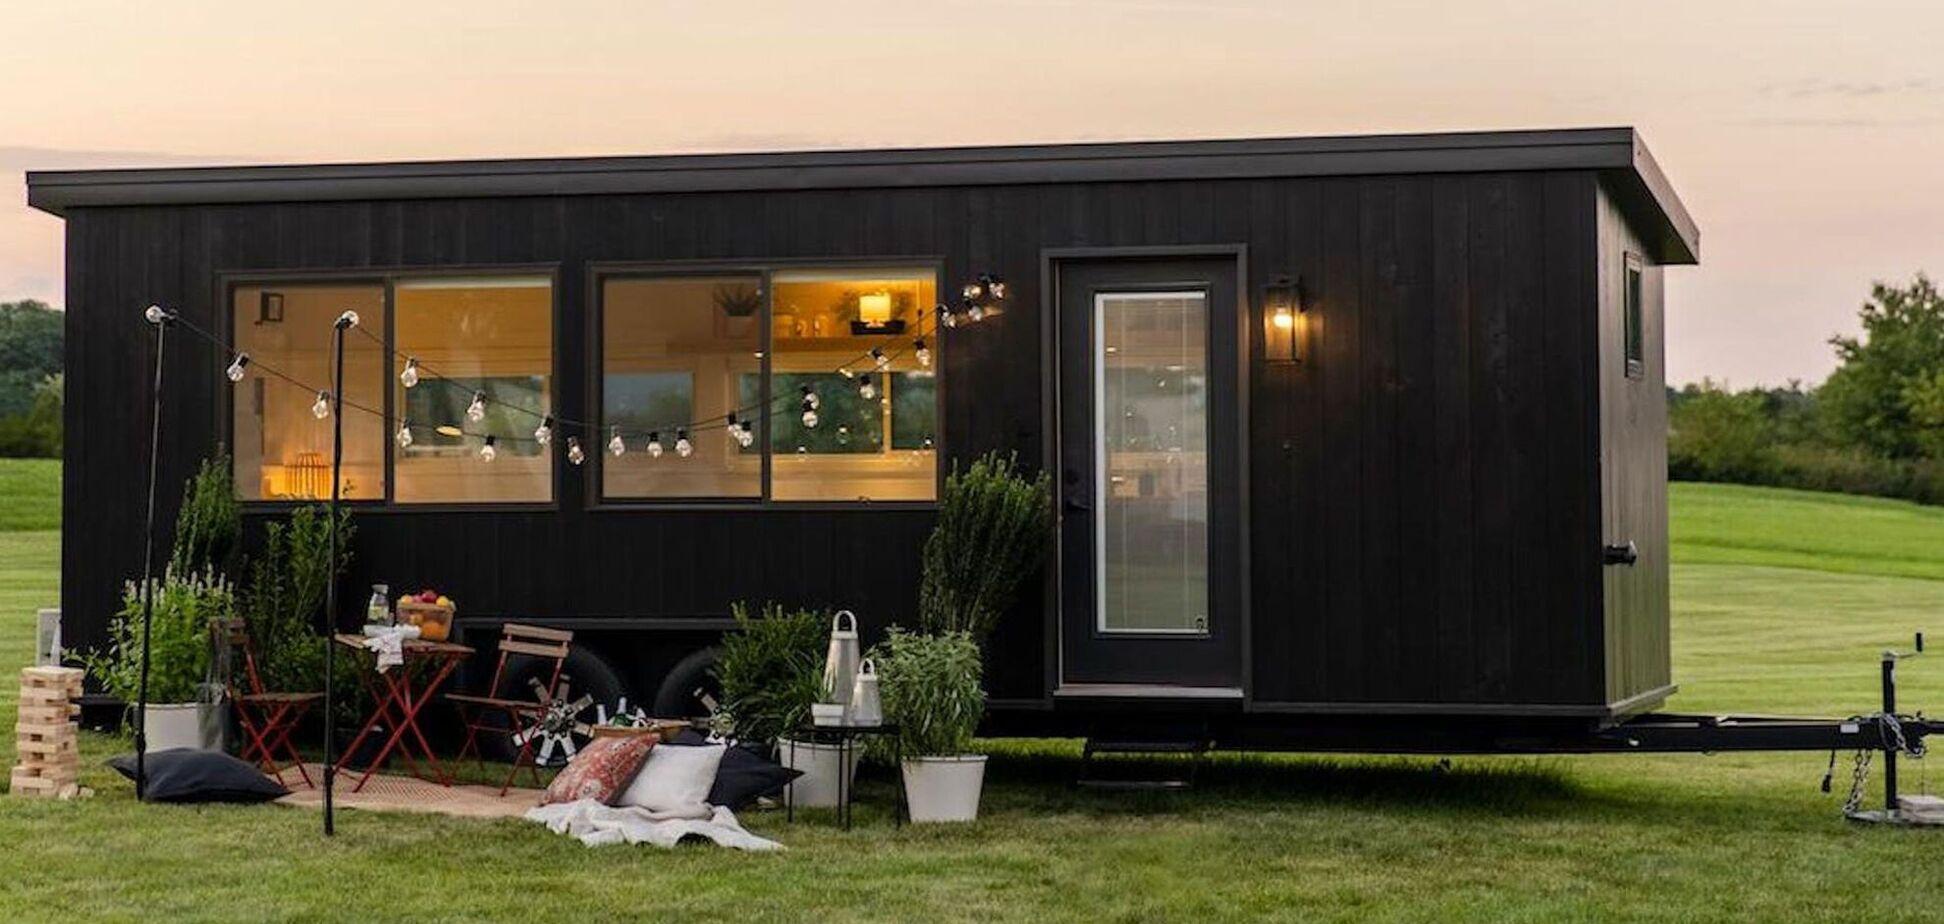 IKEA показала уютный дом на колесах